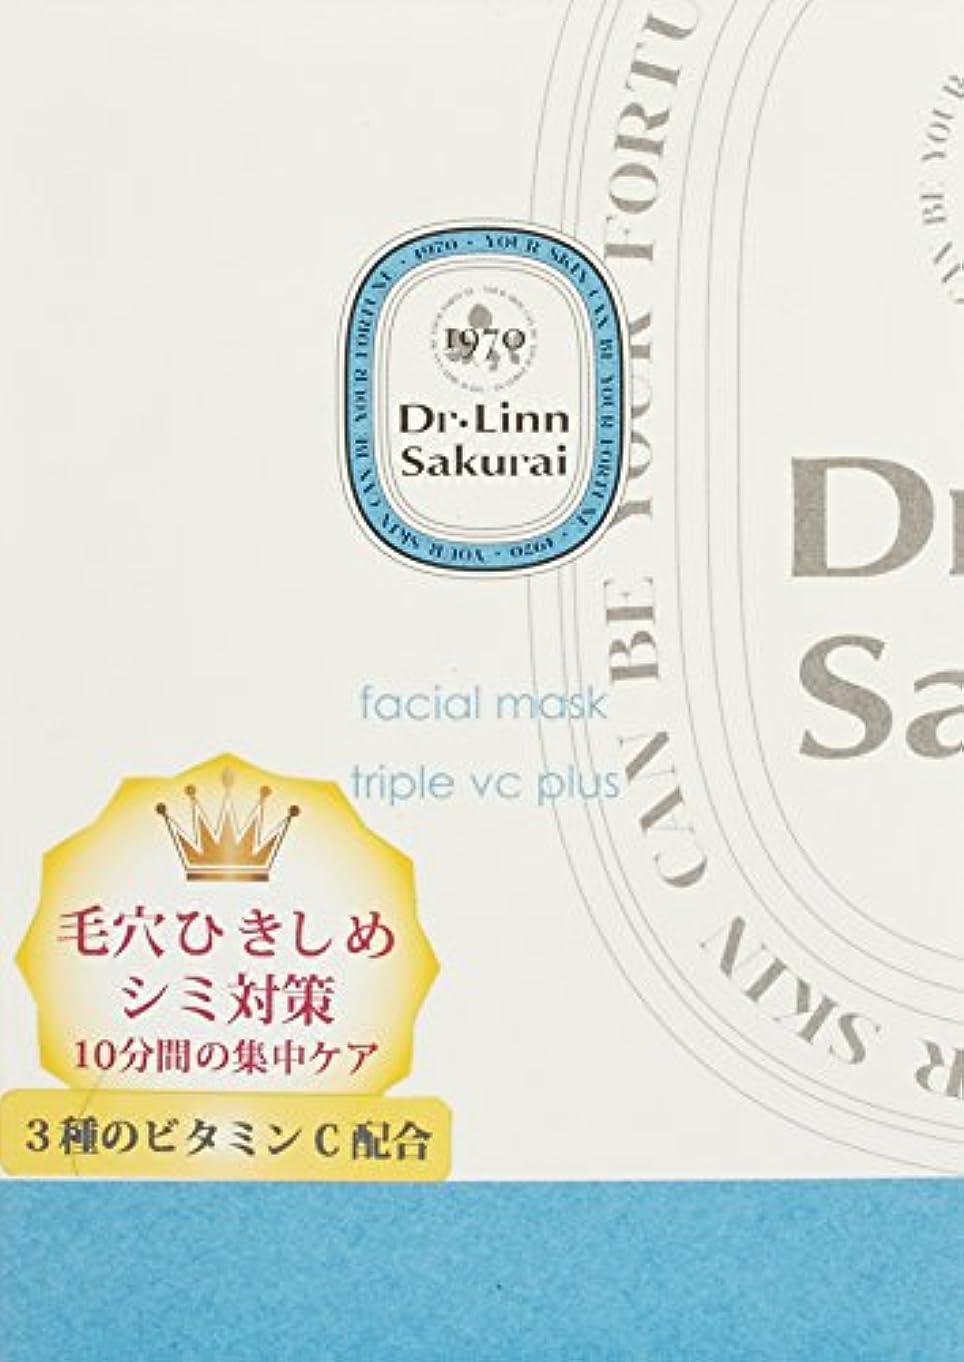 適切な世界の窓服を洗うDr.リンサクライ フェイシャルマスクトリプルVCプラス 20ml×5包